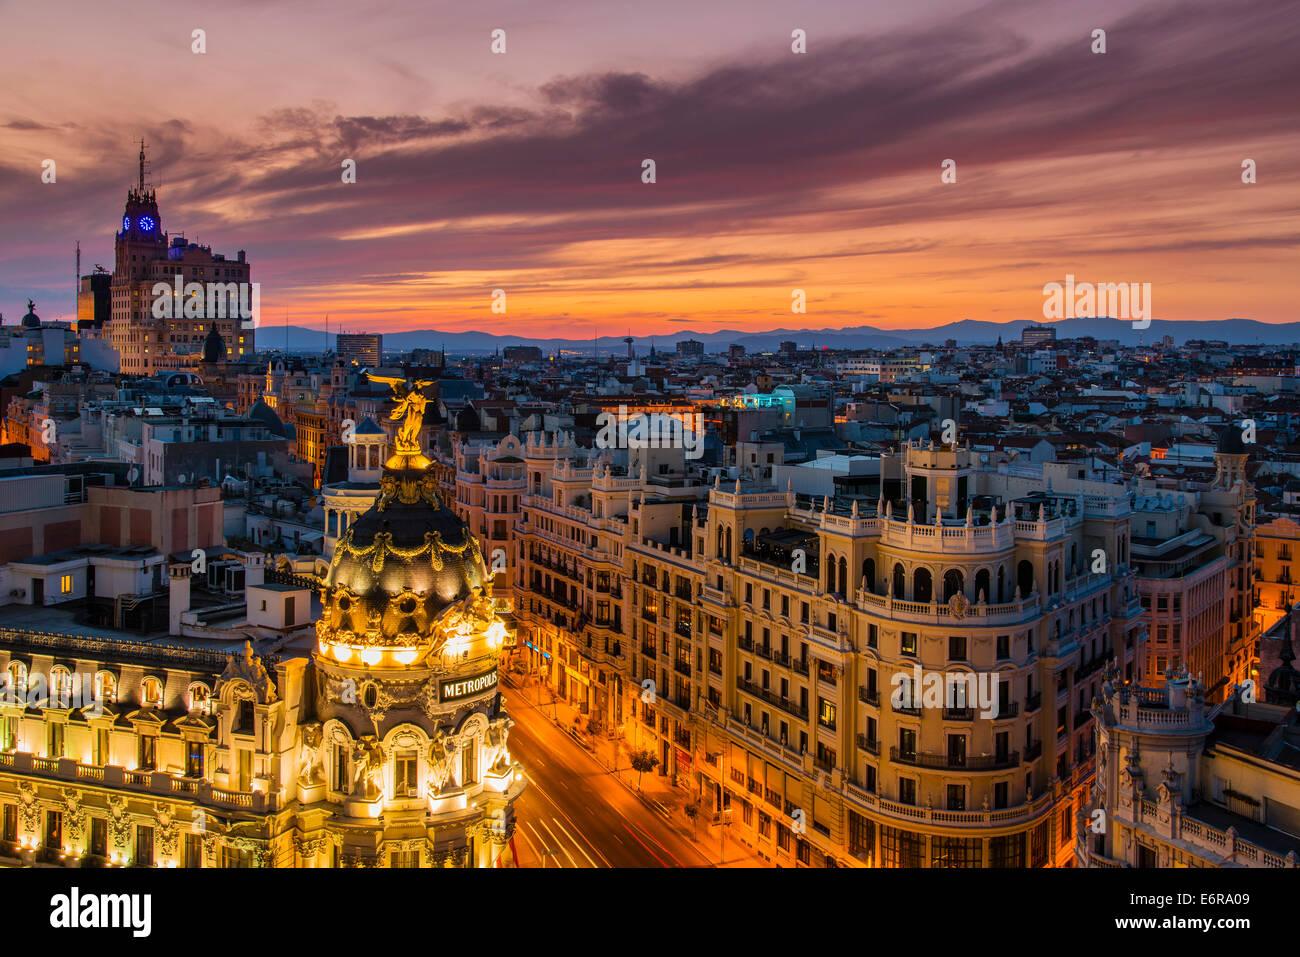 Skyline con el edificio Metrópolis y la calle Gran Via al atardecer, Madrid, Comunidad de Madrid, España Imagen De Stock